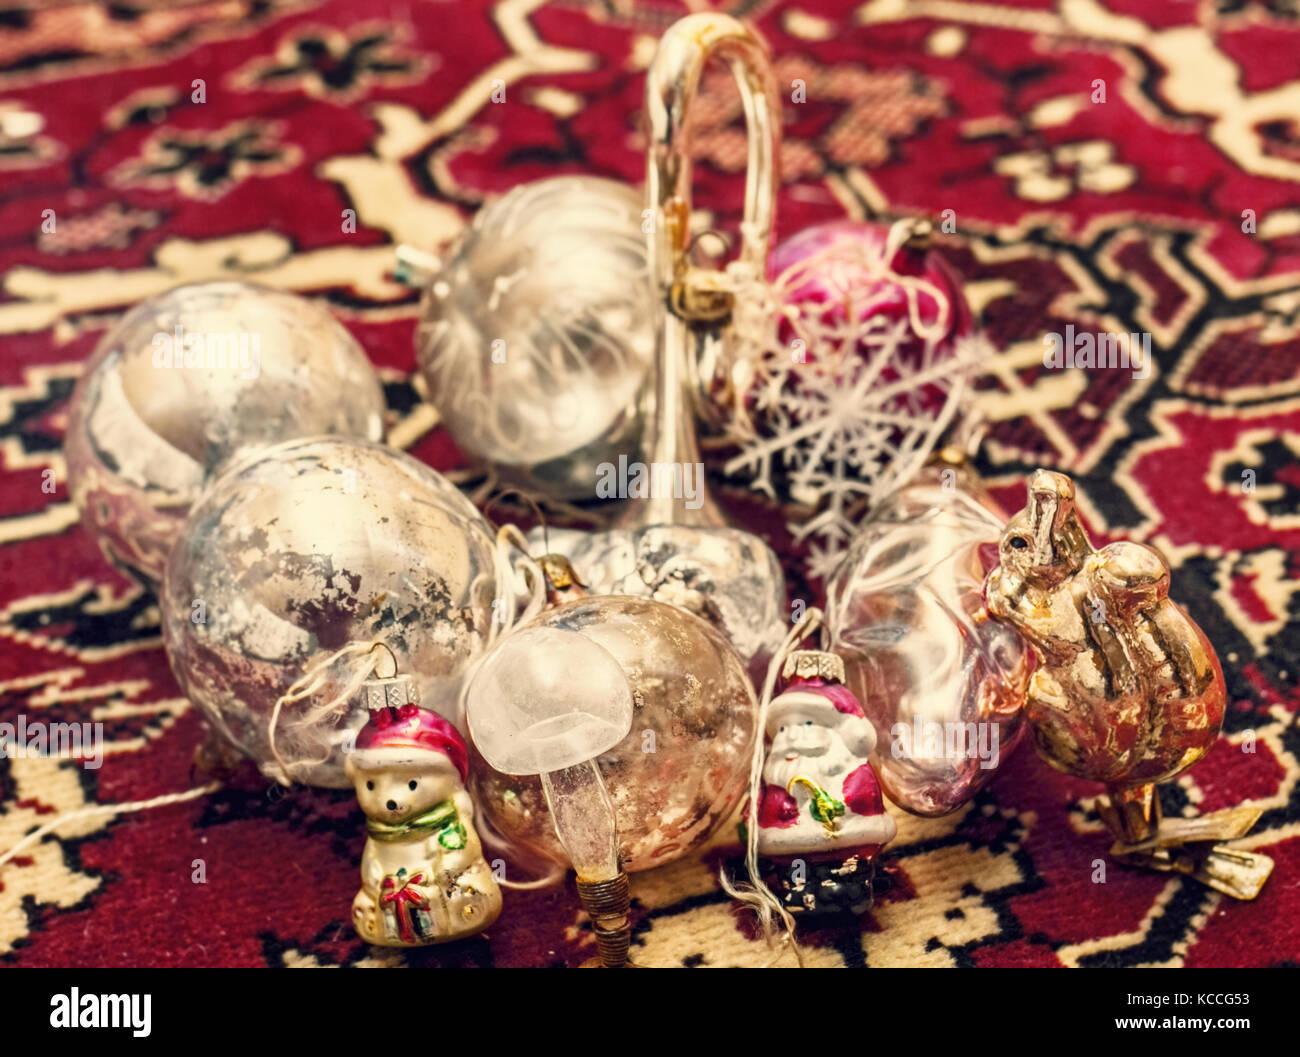 Ziemlich alt Weihnachten Spielzeug auf dem roten Teppich Stockbild